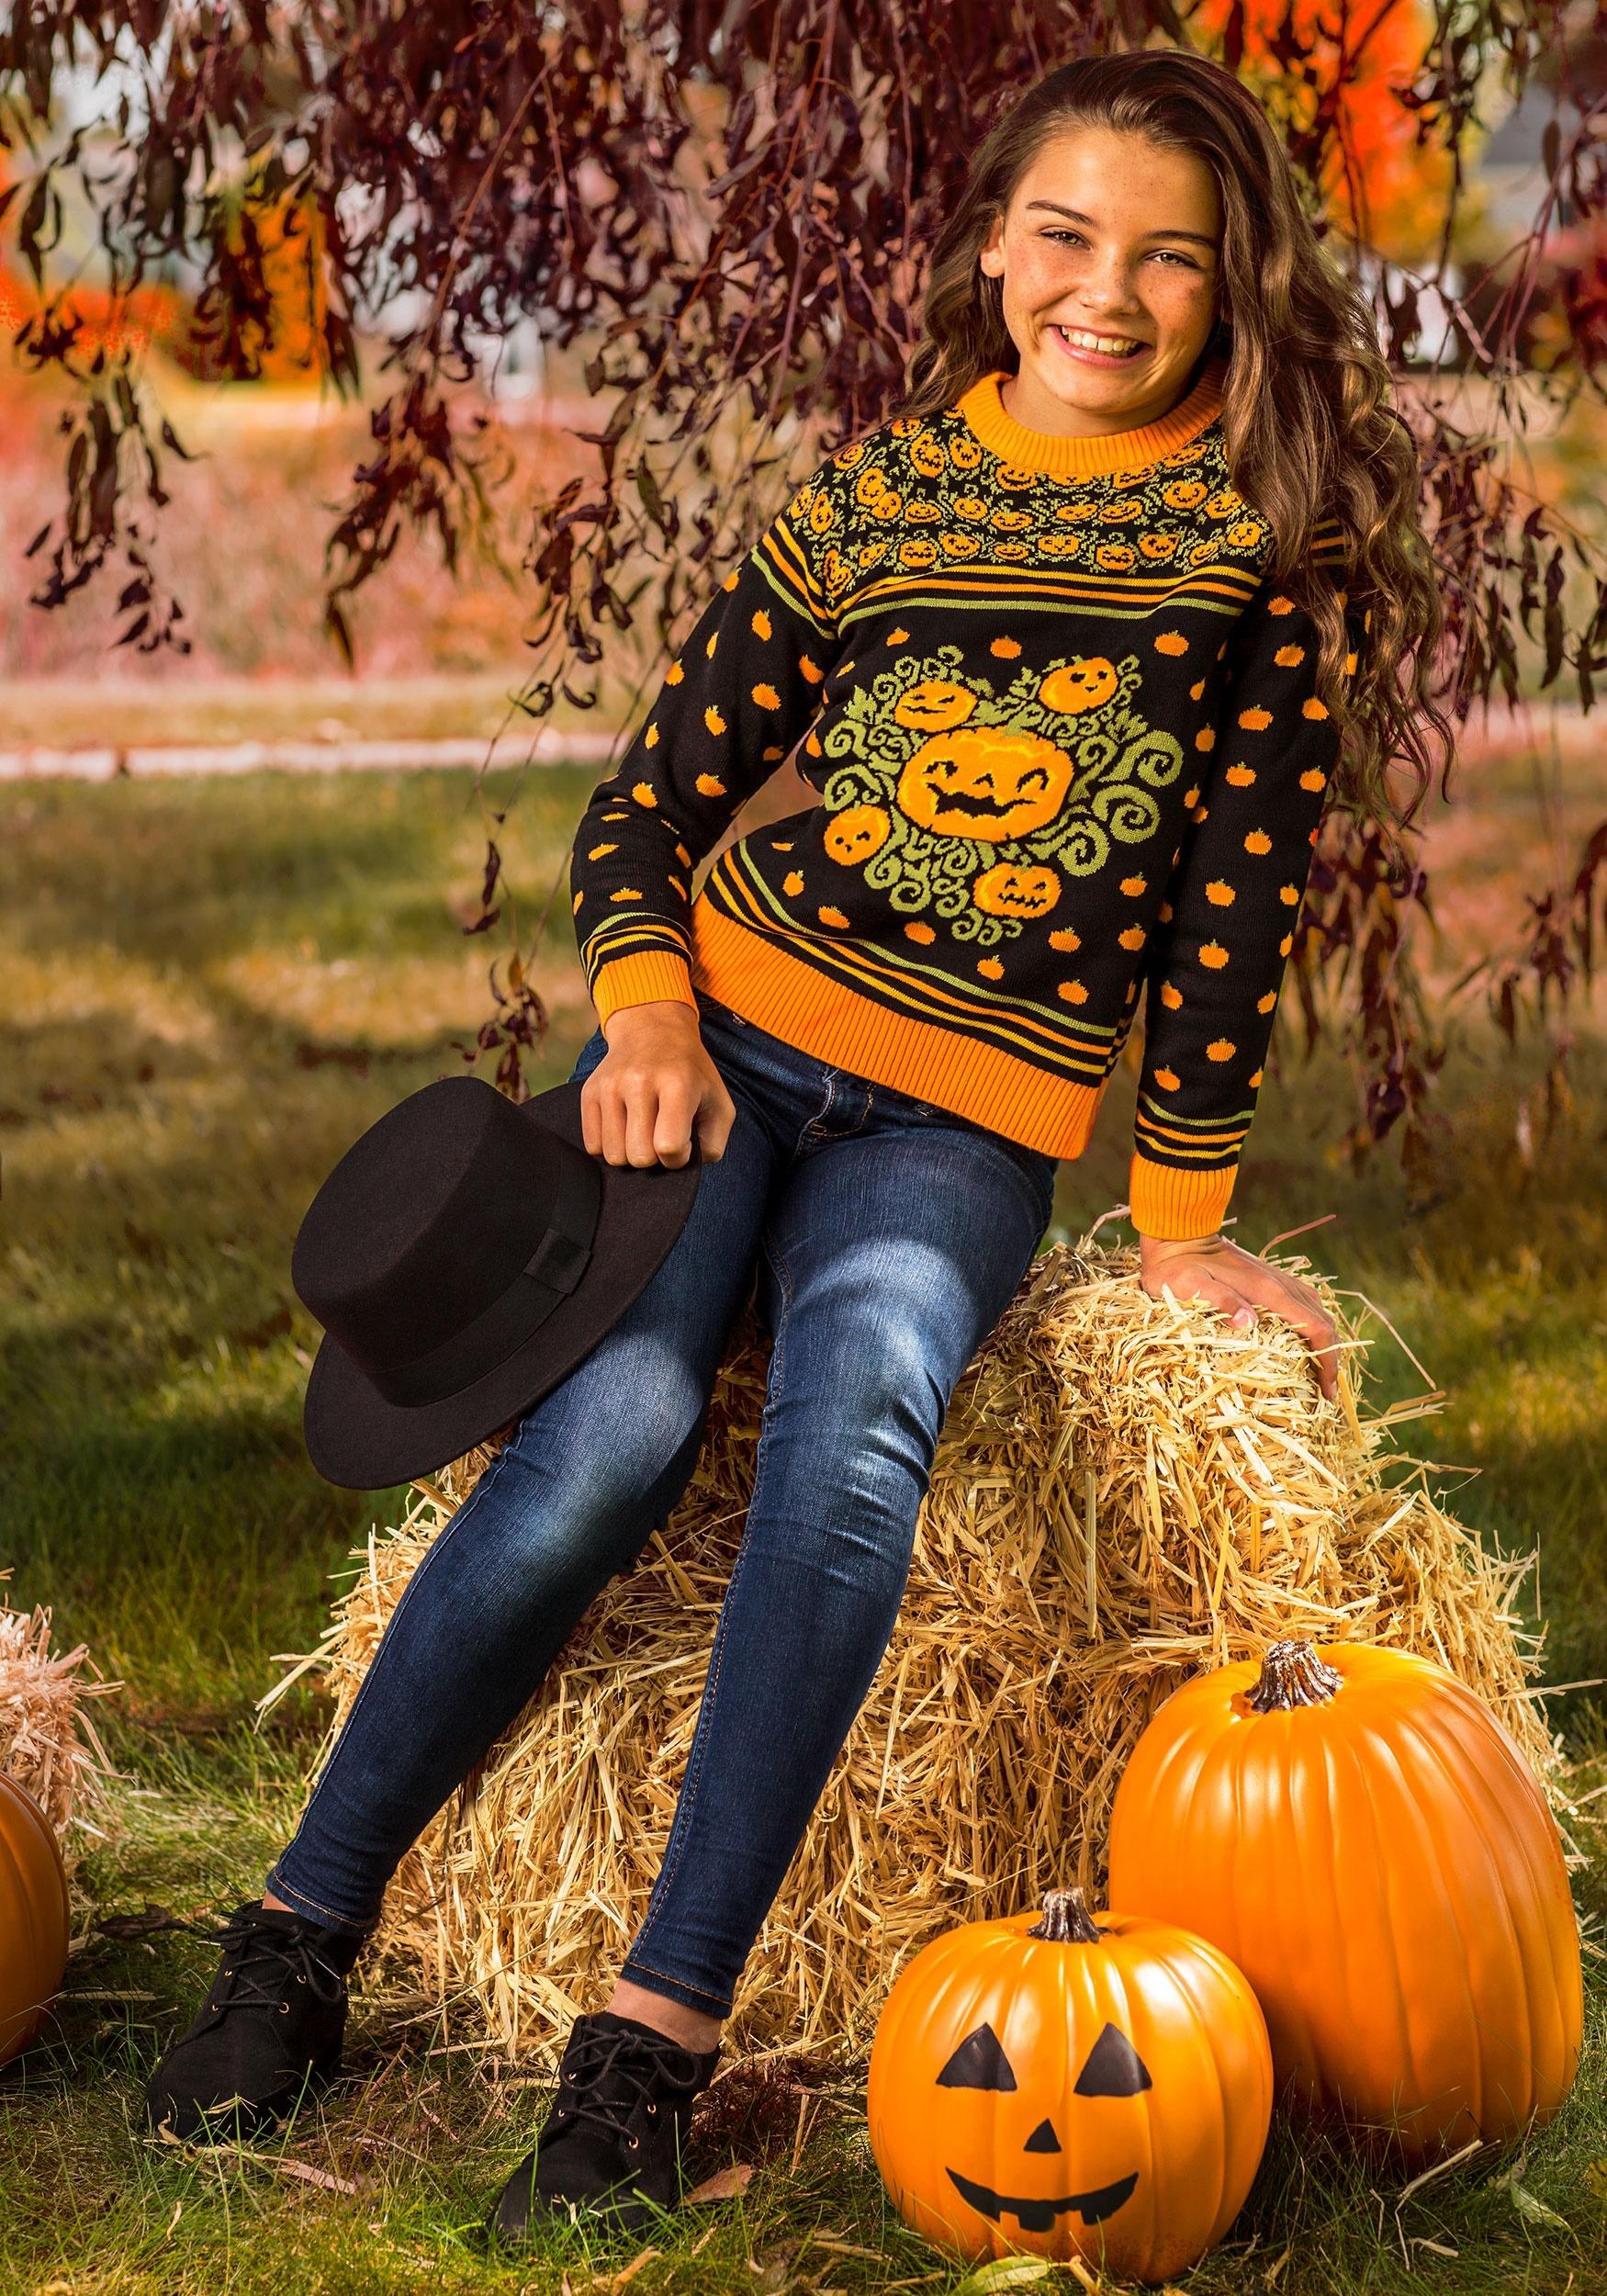 Pumpkin Jumper Jack-O-Lantern Costume Halloween Fancy Dress